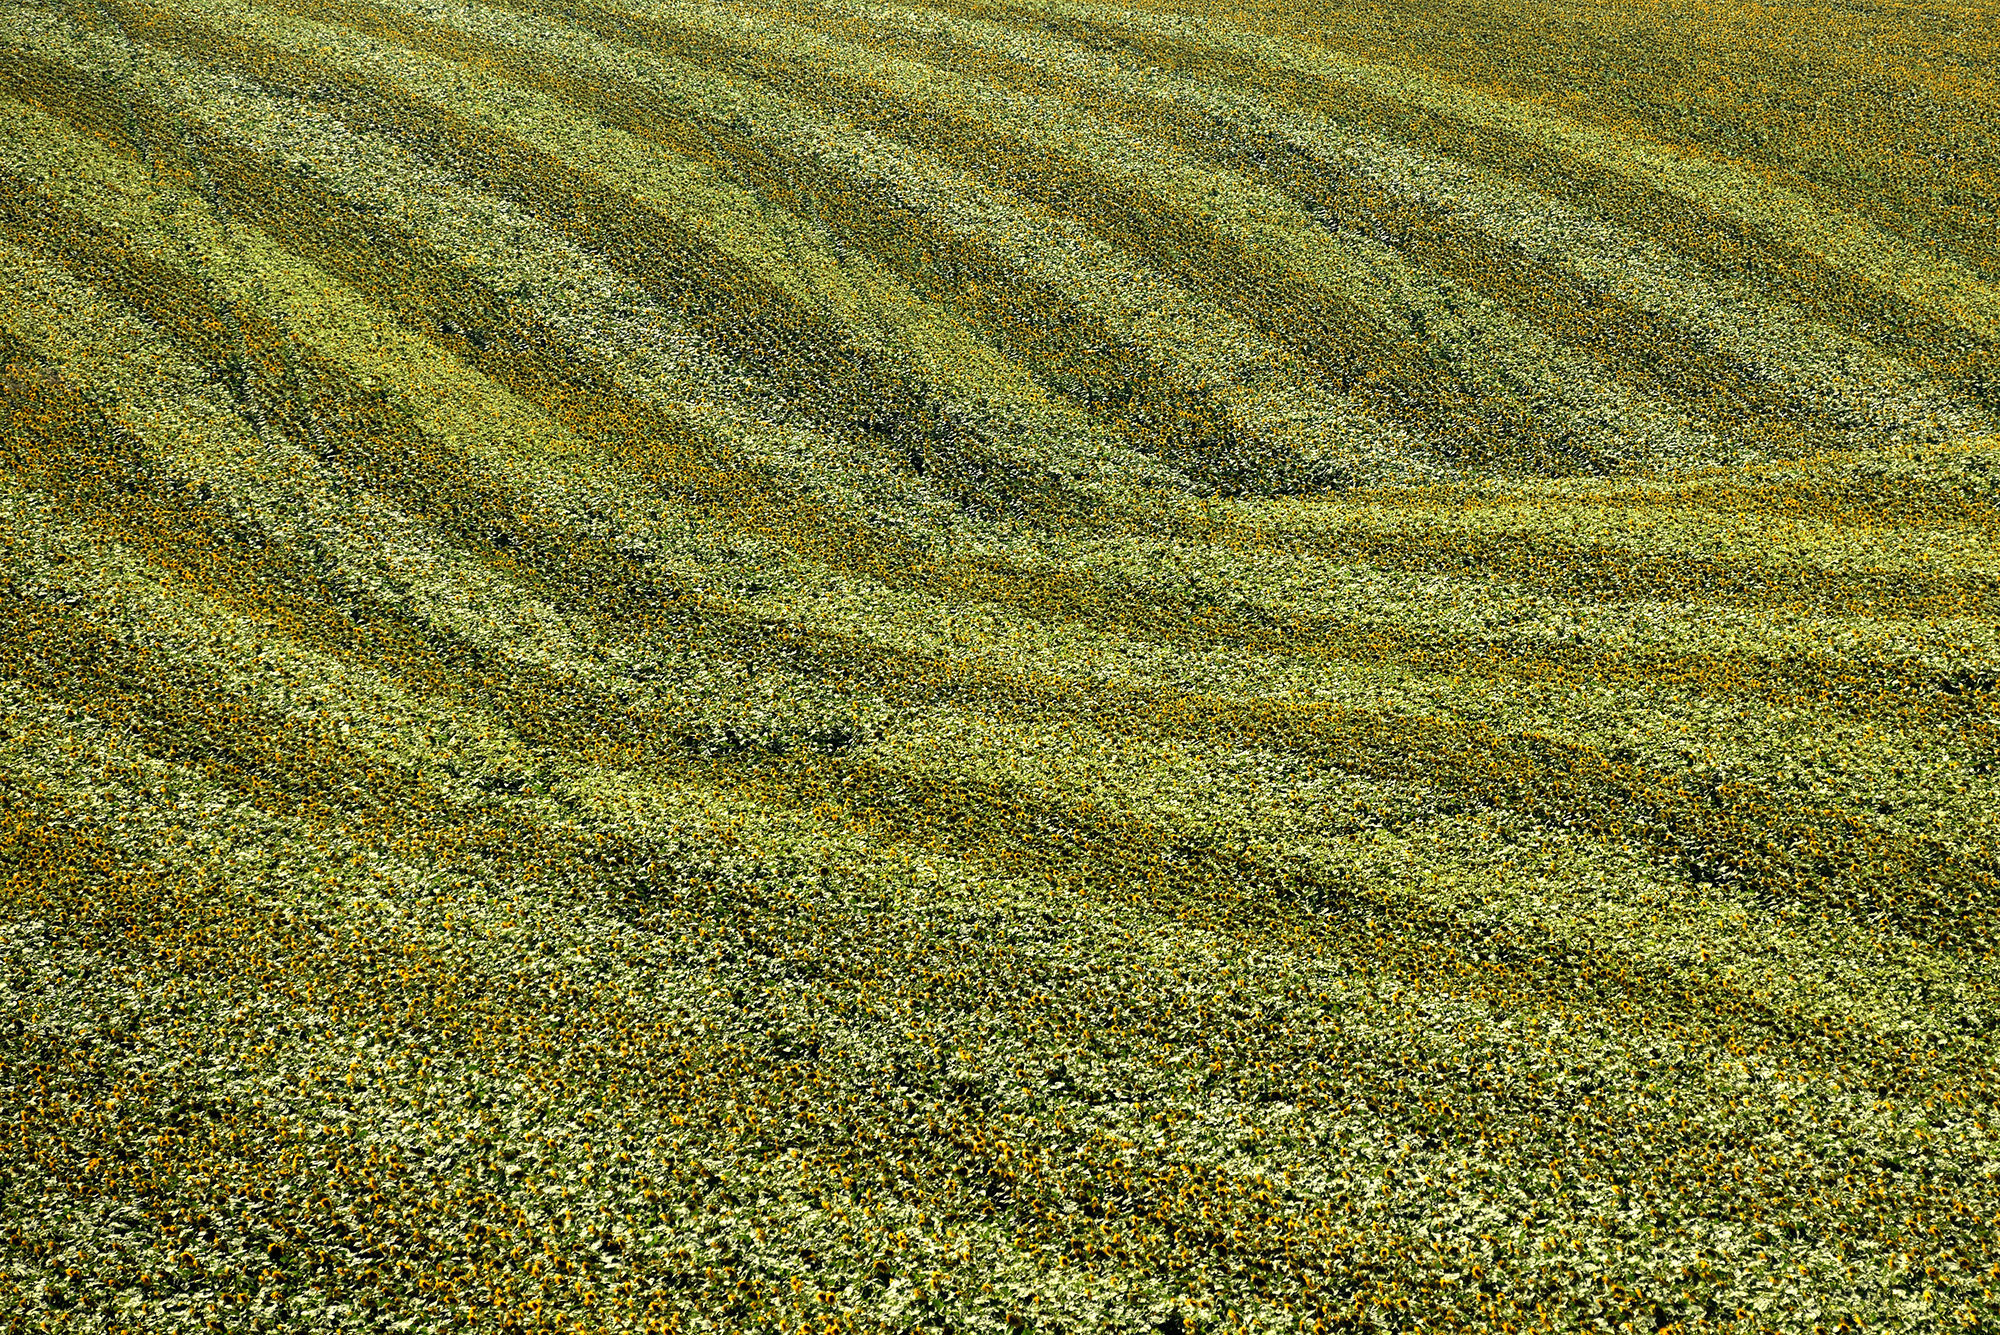 Terra Galicia_(Yurko Dyachyshyn)_31.jpg